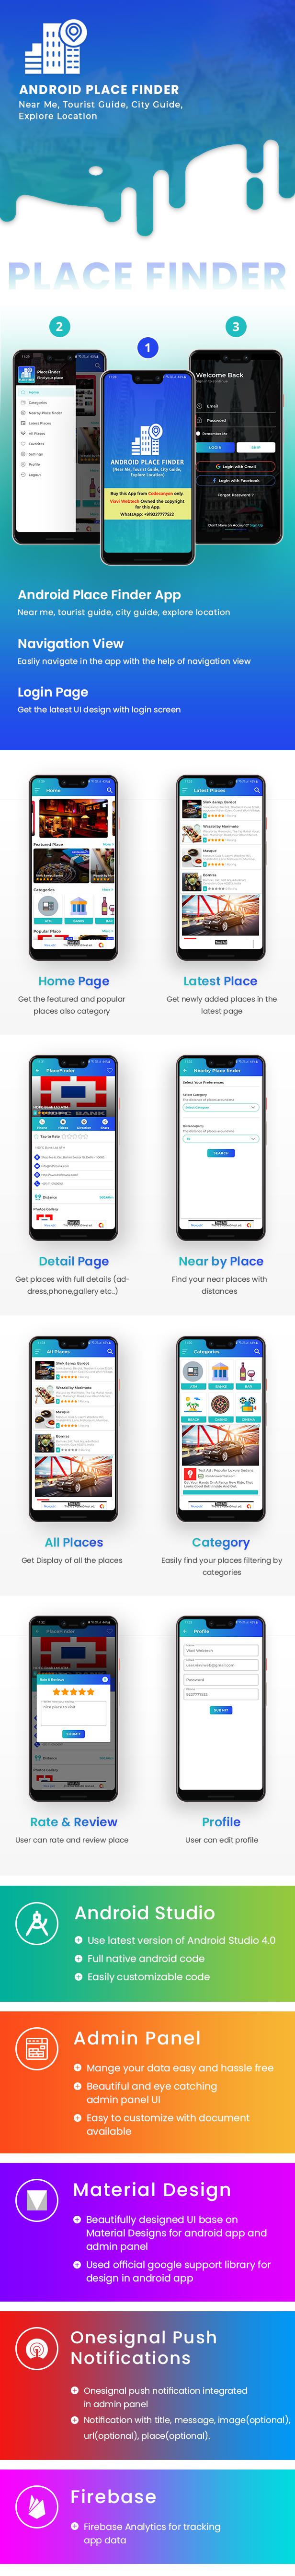 Android Place Finder (Dekat Saya, Pemandu Wisata, Pemandu Kota, Jelajahi Lokasi, Admob dengan GDPR) - 7